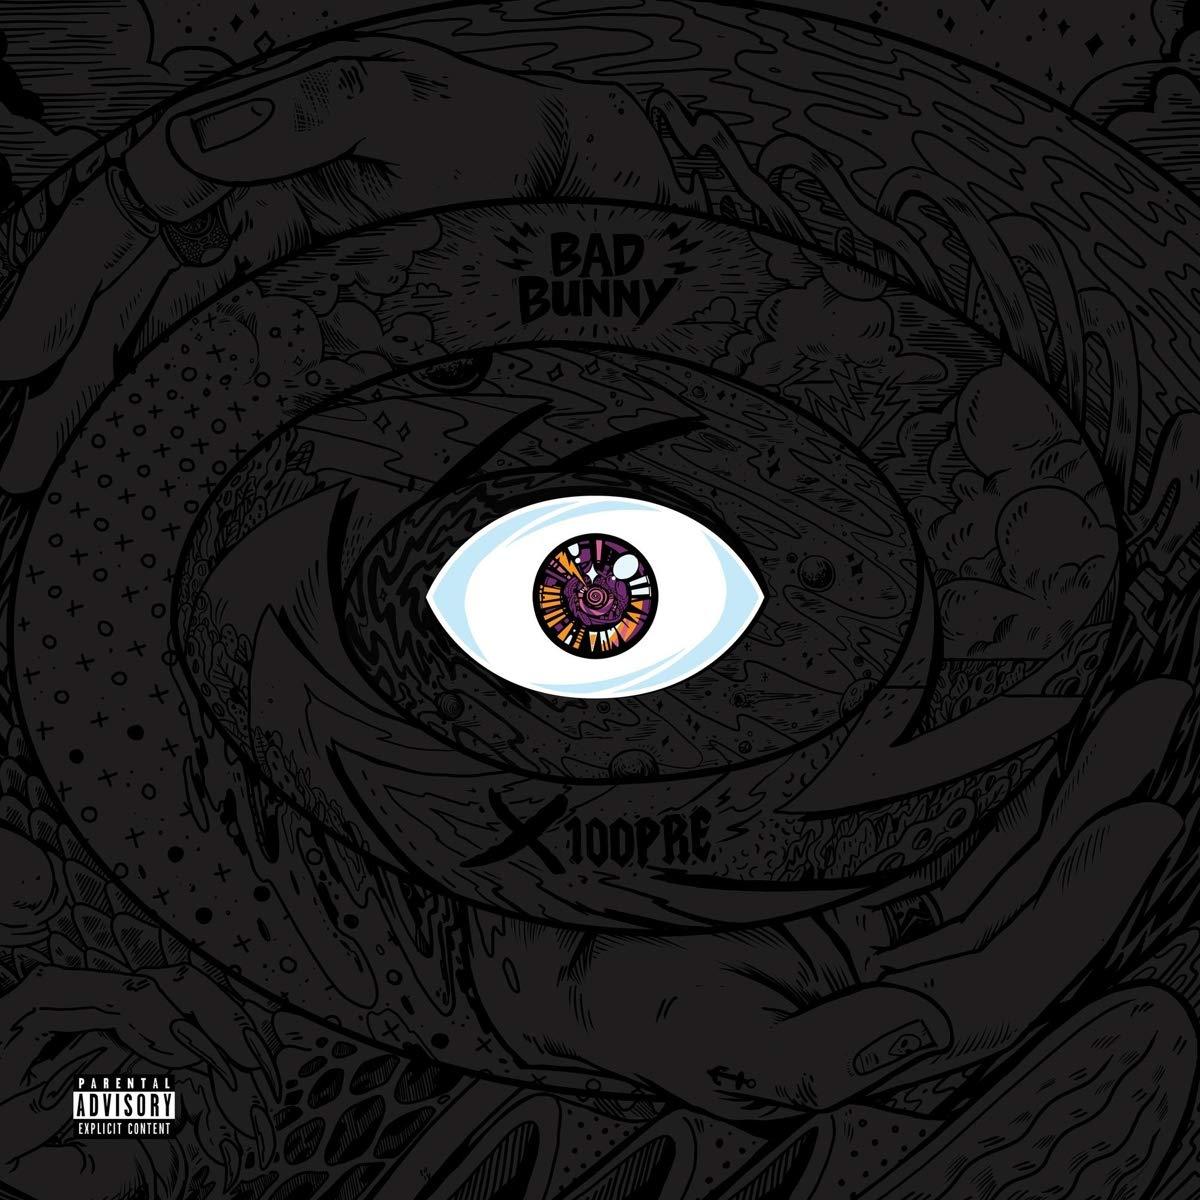 X 100PRE by Bad Bunny Por Siempre (X100PRE)